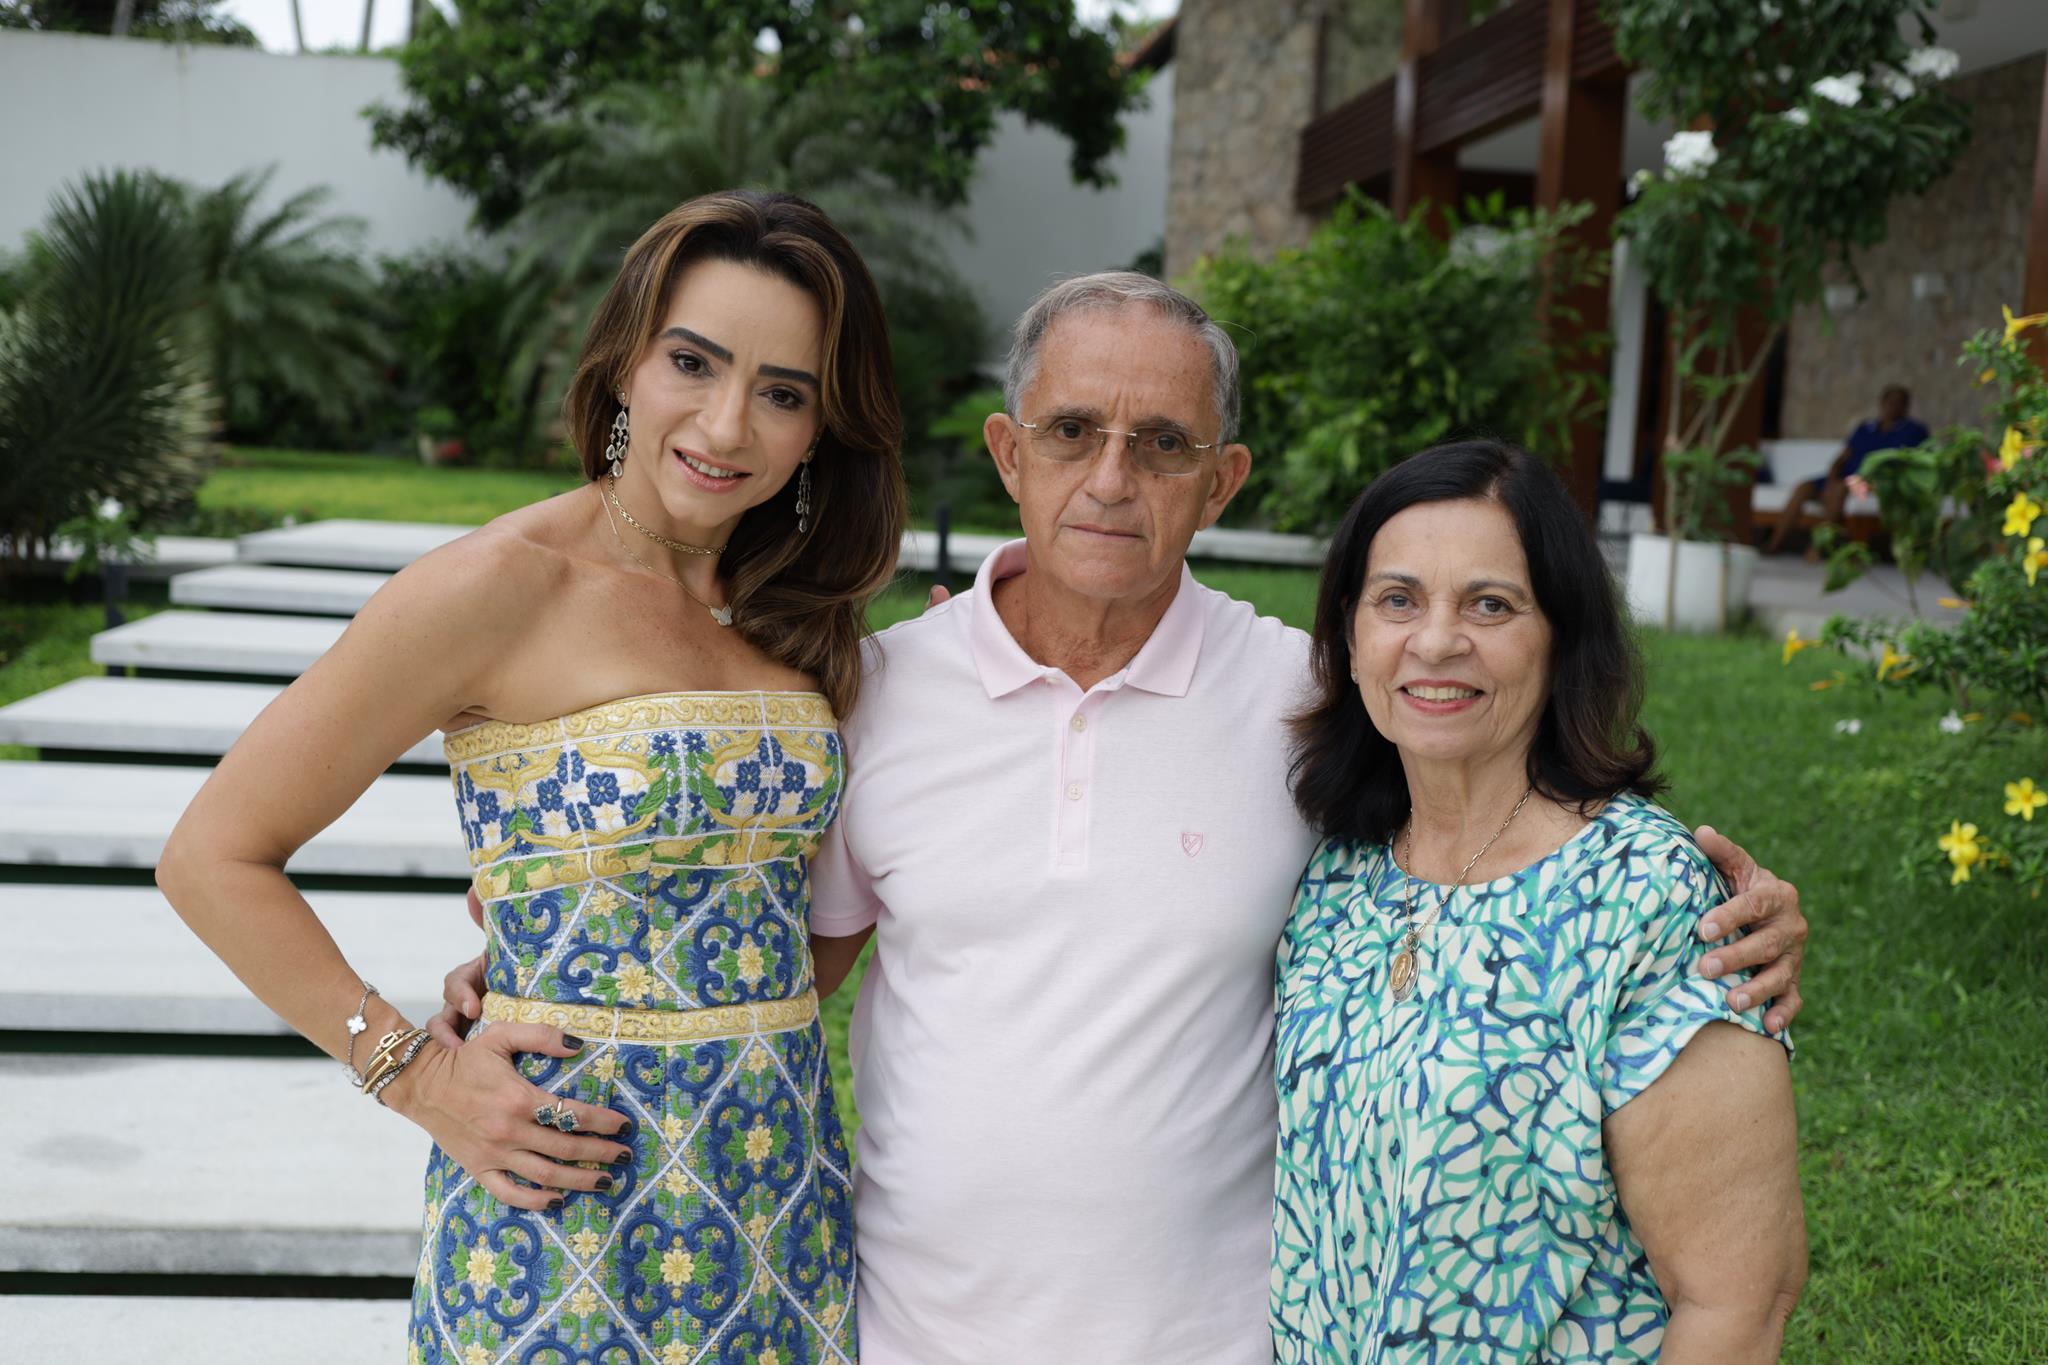 Camila Quindere Joao Jose E Glicia Matos 2 2